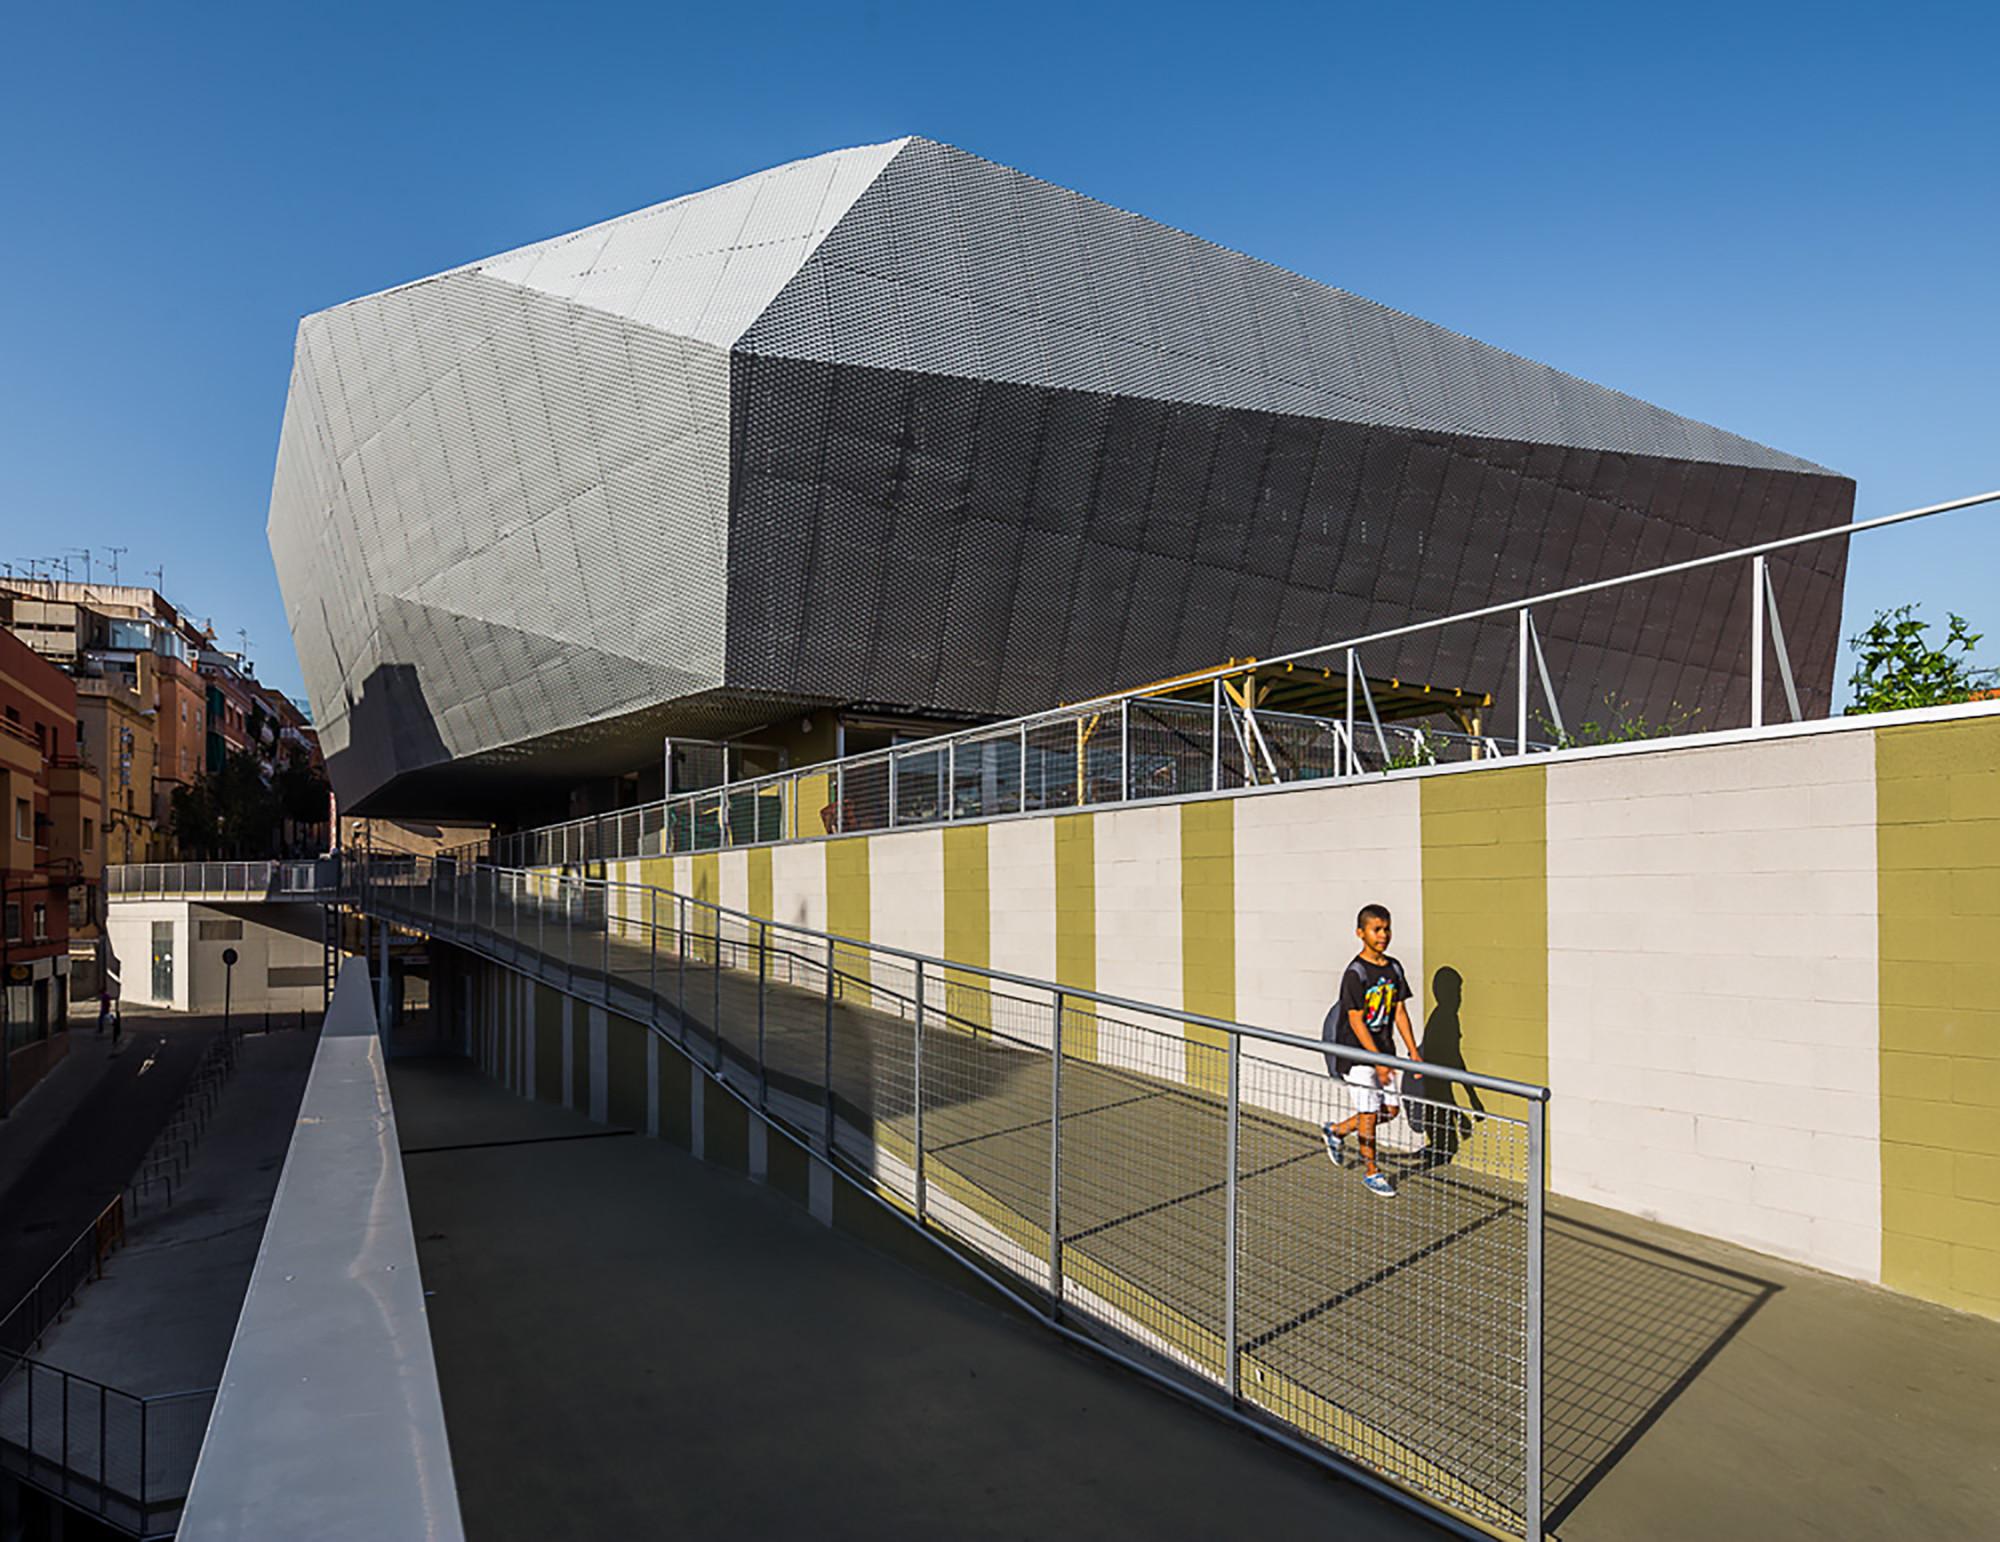 """Edificio Multifuncional """"Fondo"""" Santa Coloma de Gramanet  / Pich-Aguilera Architects, © Simón García"""